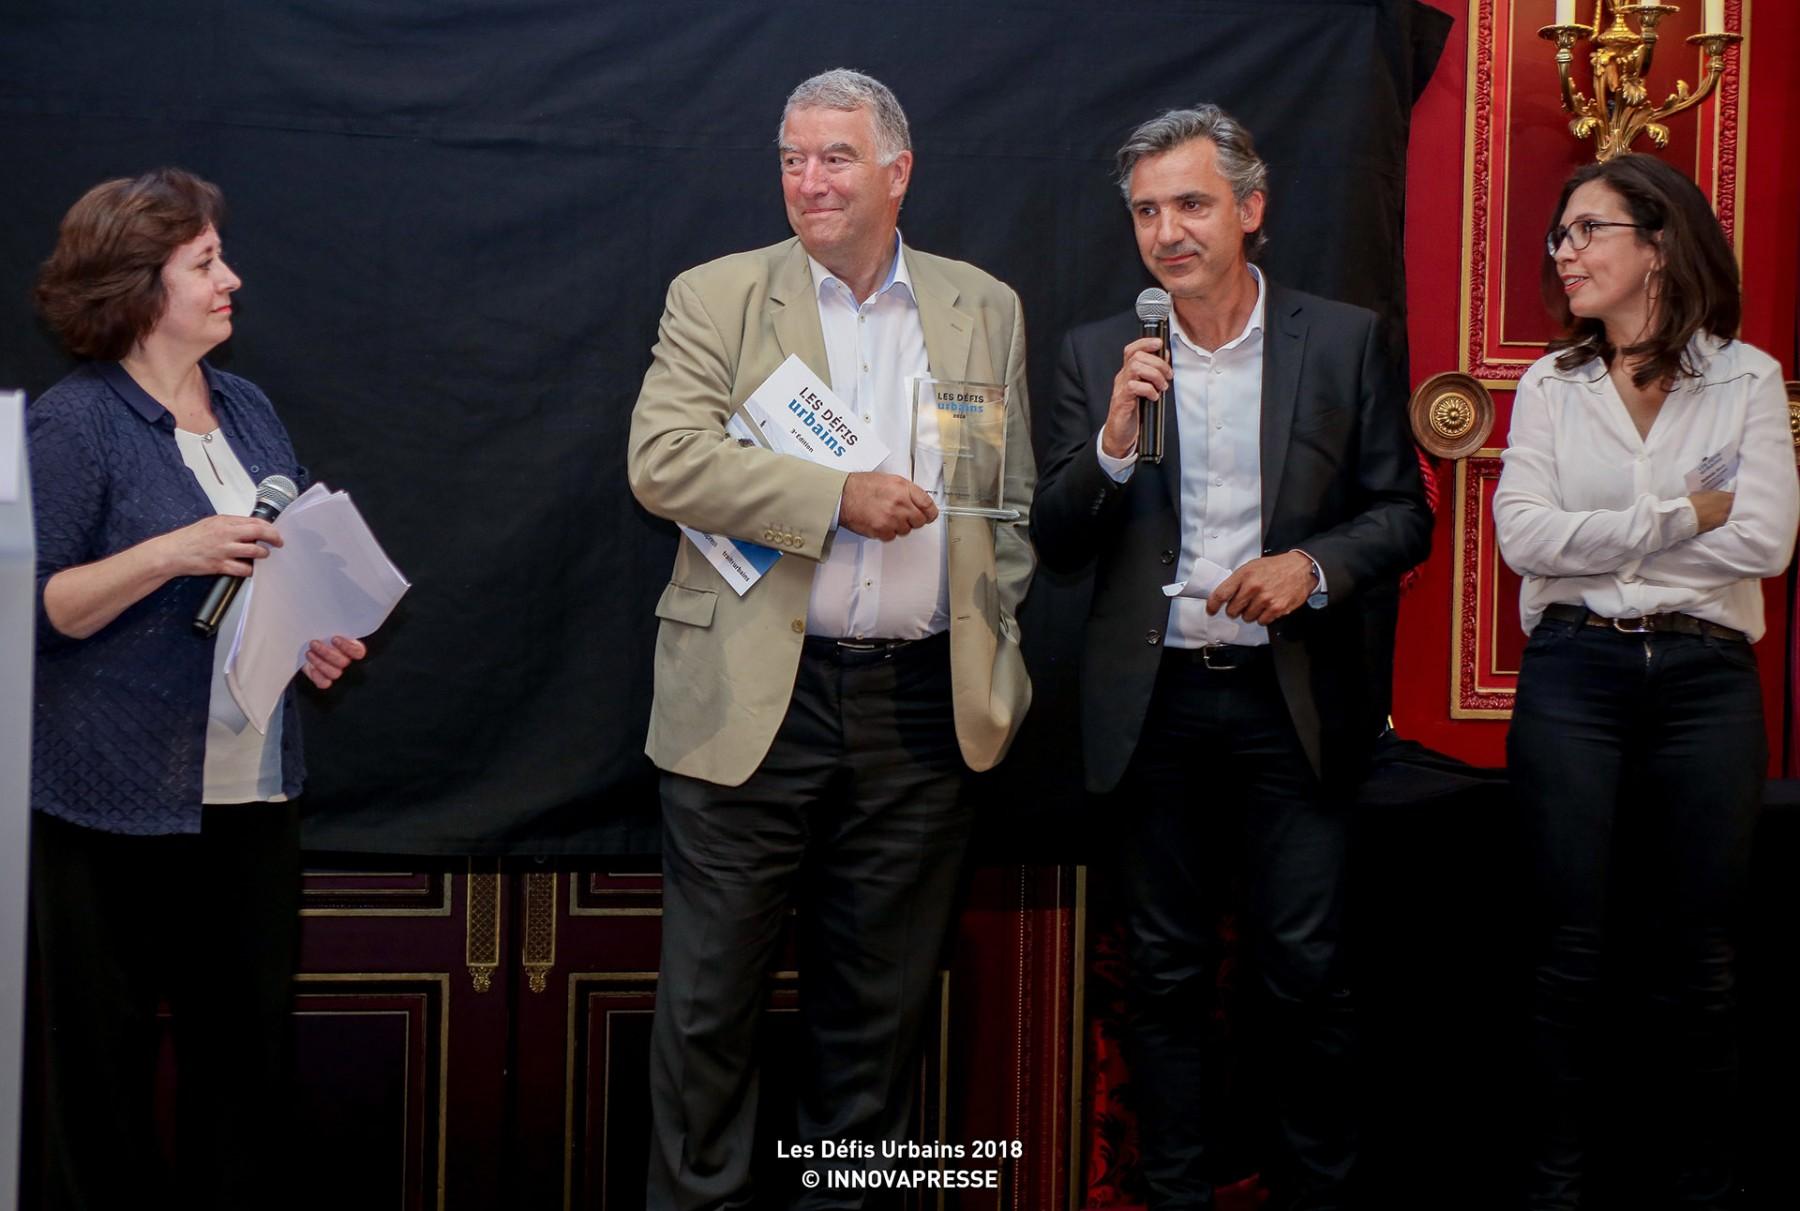 Intervention de Jean-Frédéric Gay entouré de Nathalie Melin et de Serge Kempeneers de l